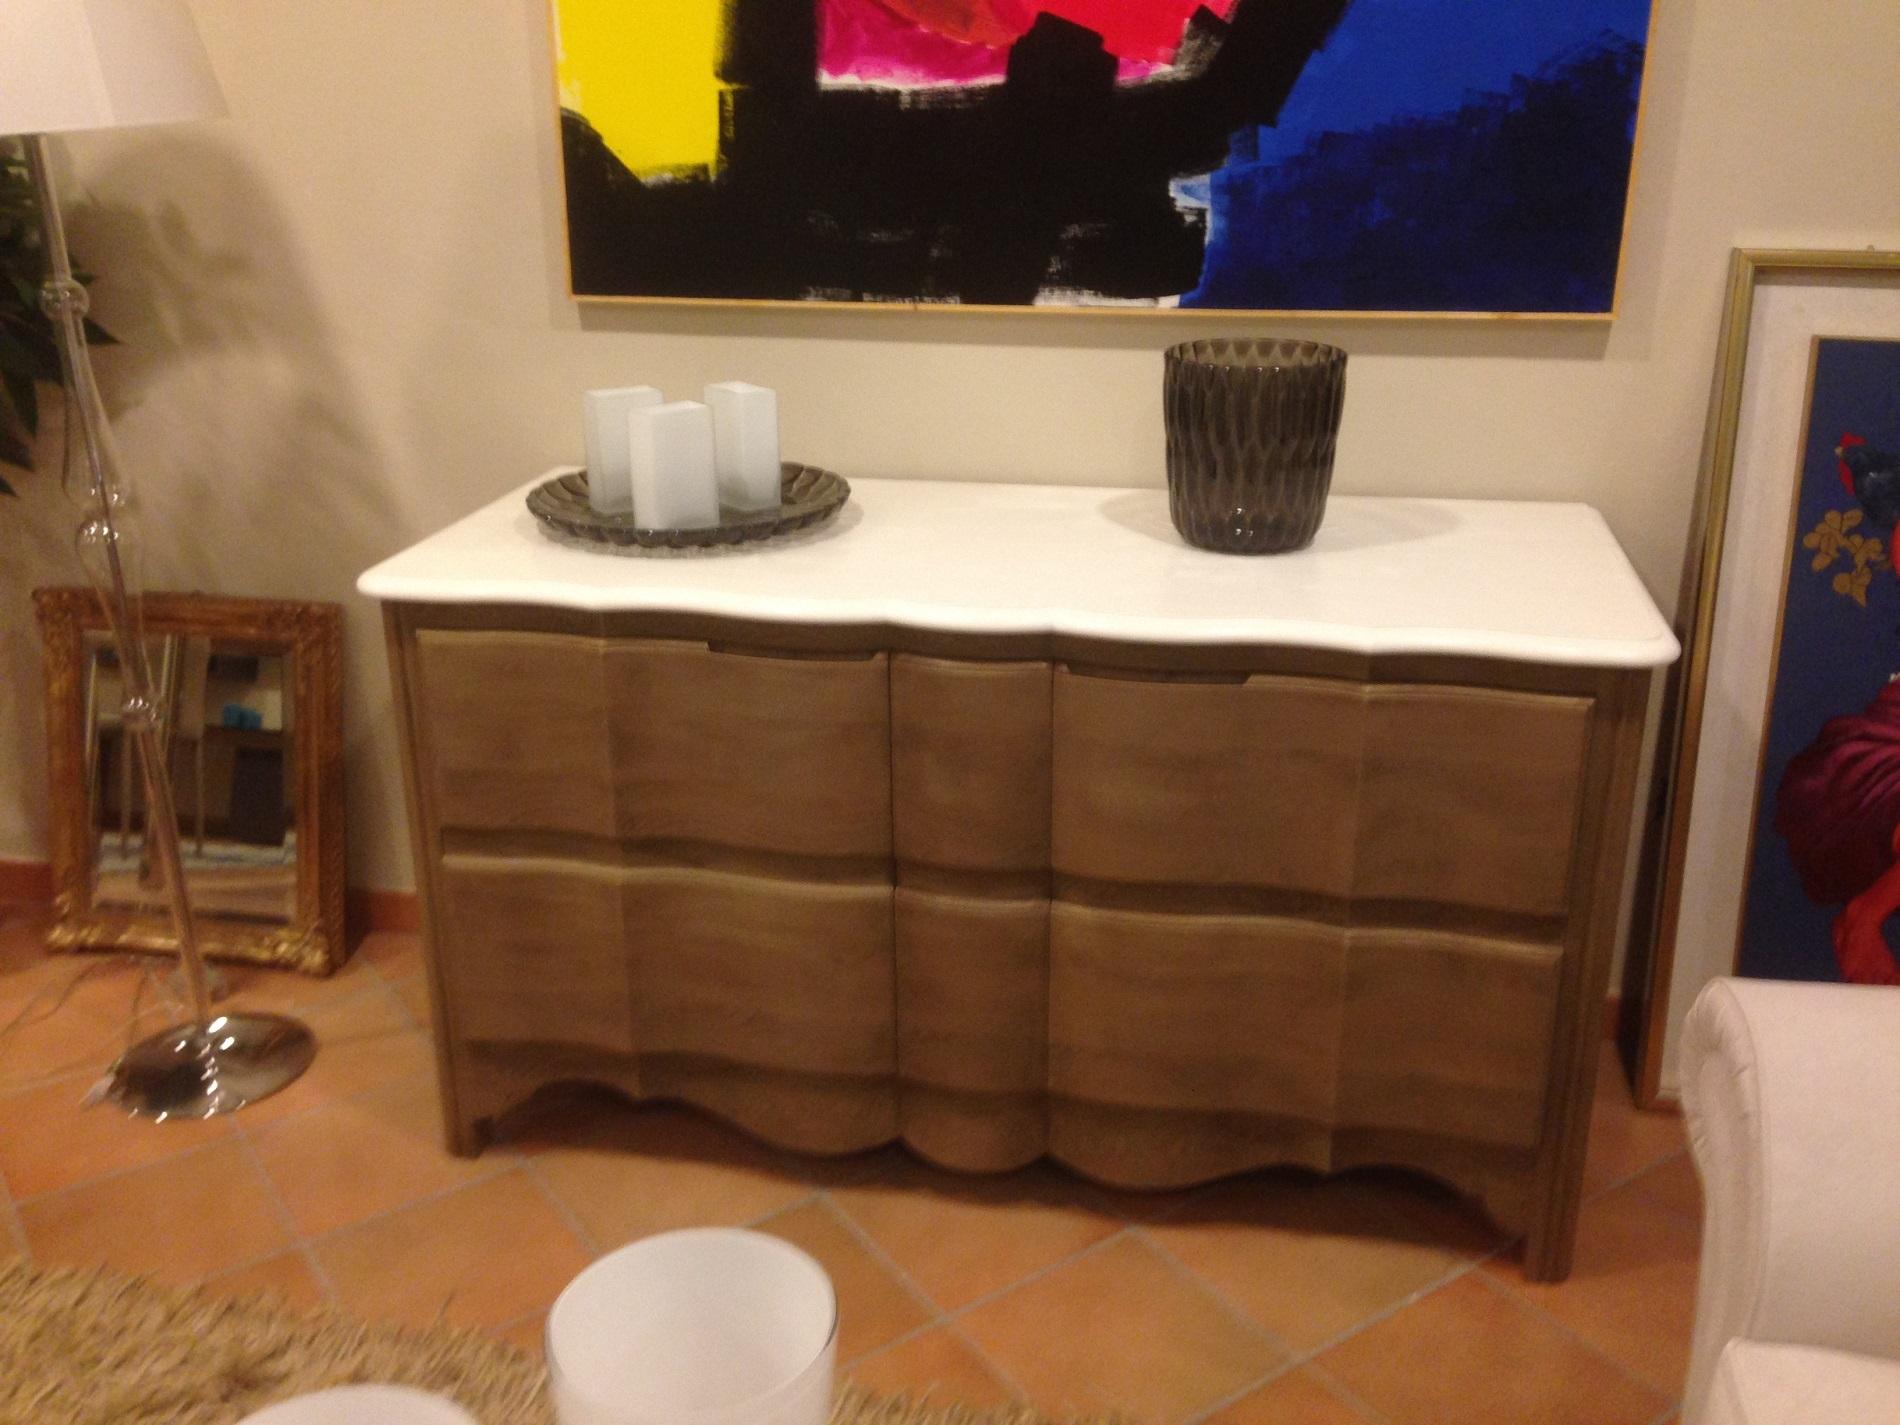 Arredamenti livorno good with arredamenti livorno for Arredamenti marchetti